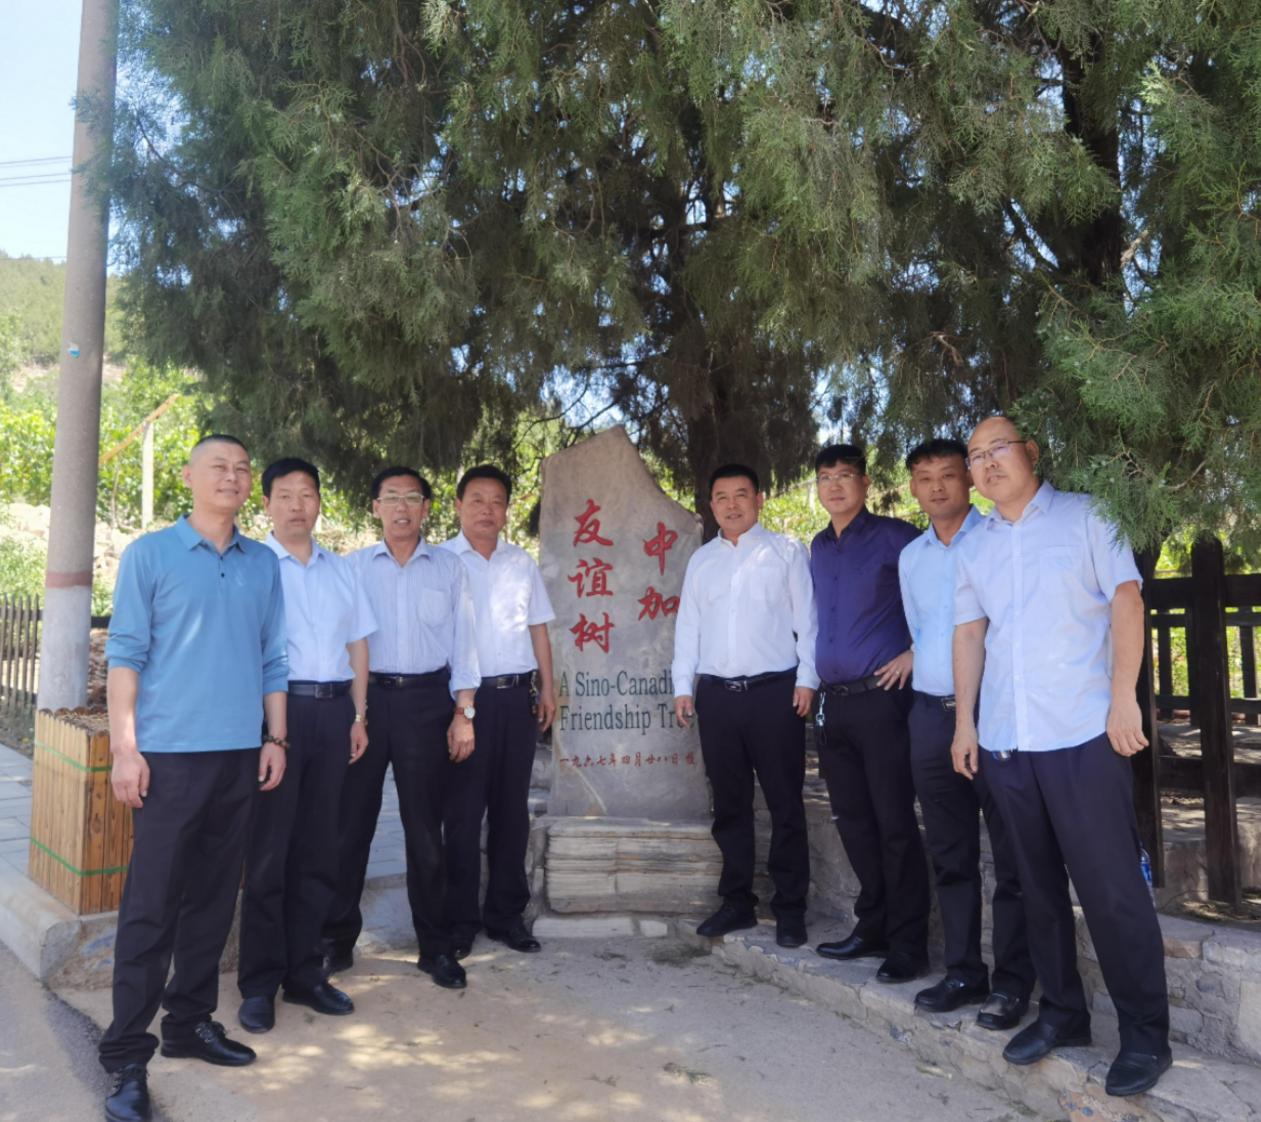 《中国廉政教育内参》与红色同行廉洁为伴 建党百年纪念活动(图2)